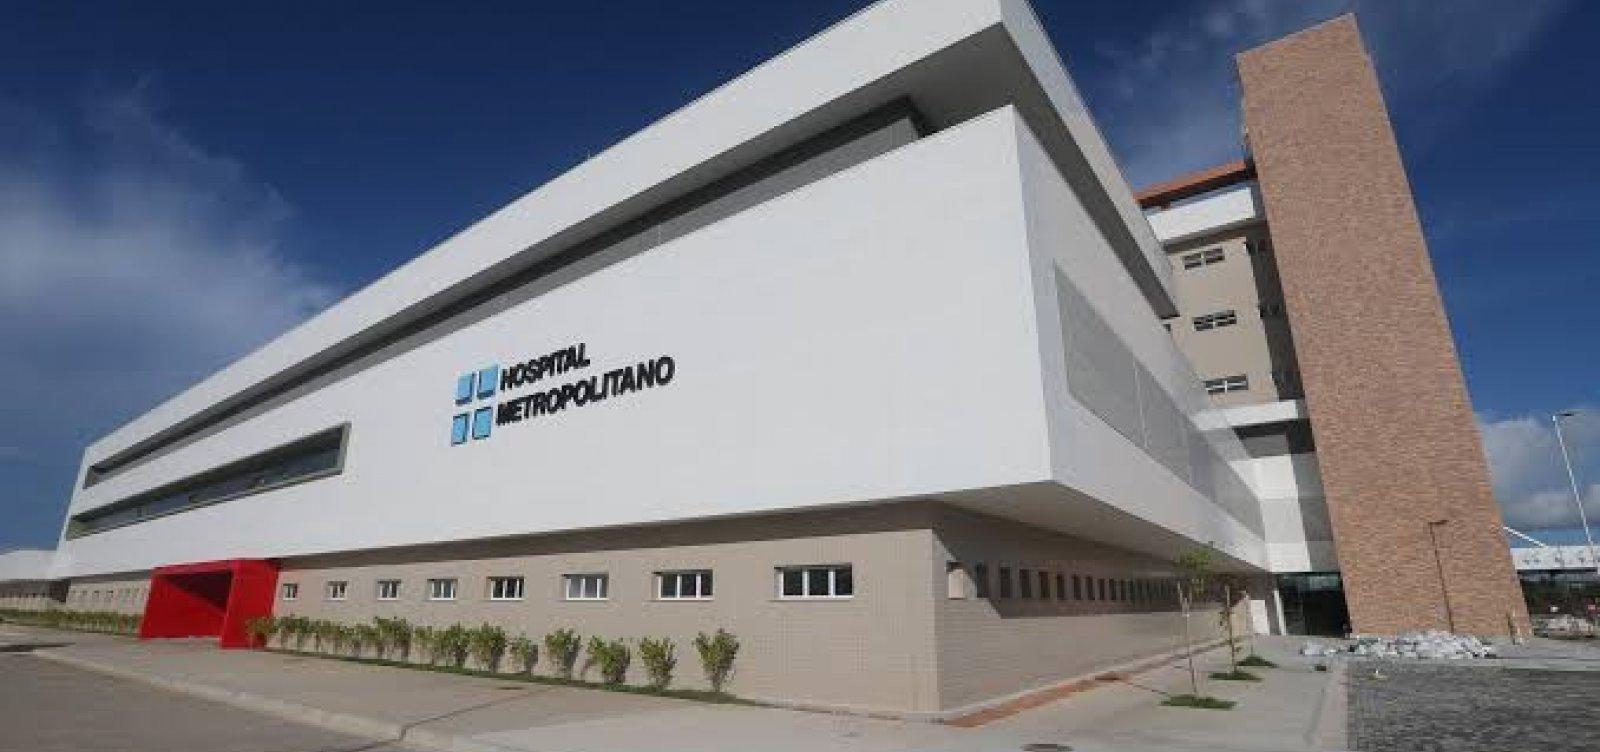 IBDAH administrará Hospital Metropolitano em Lauro de Freitas que deve começar a funcionar nos próximos dias